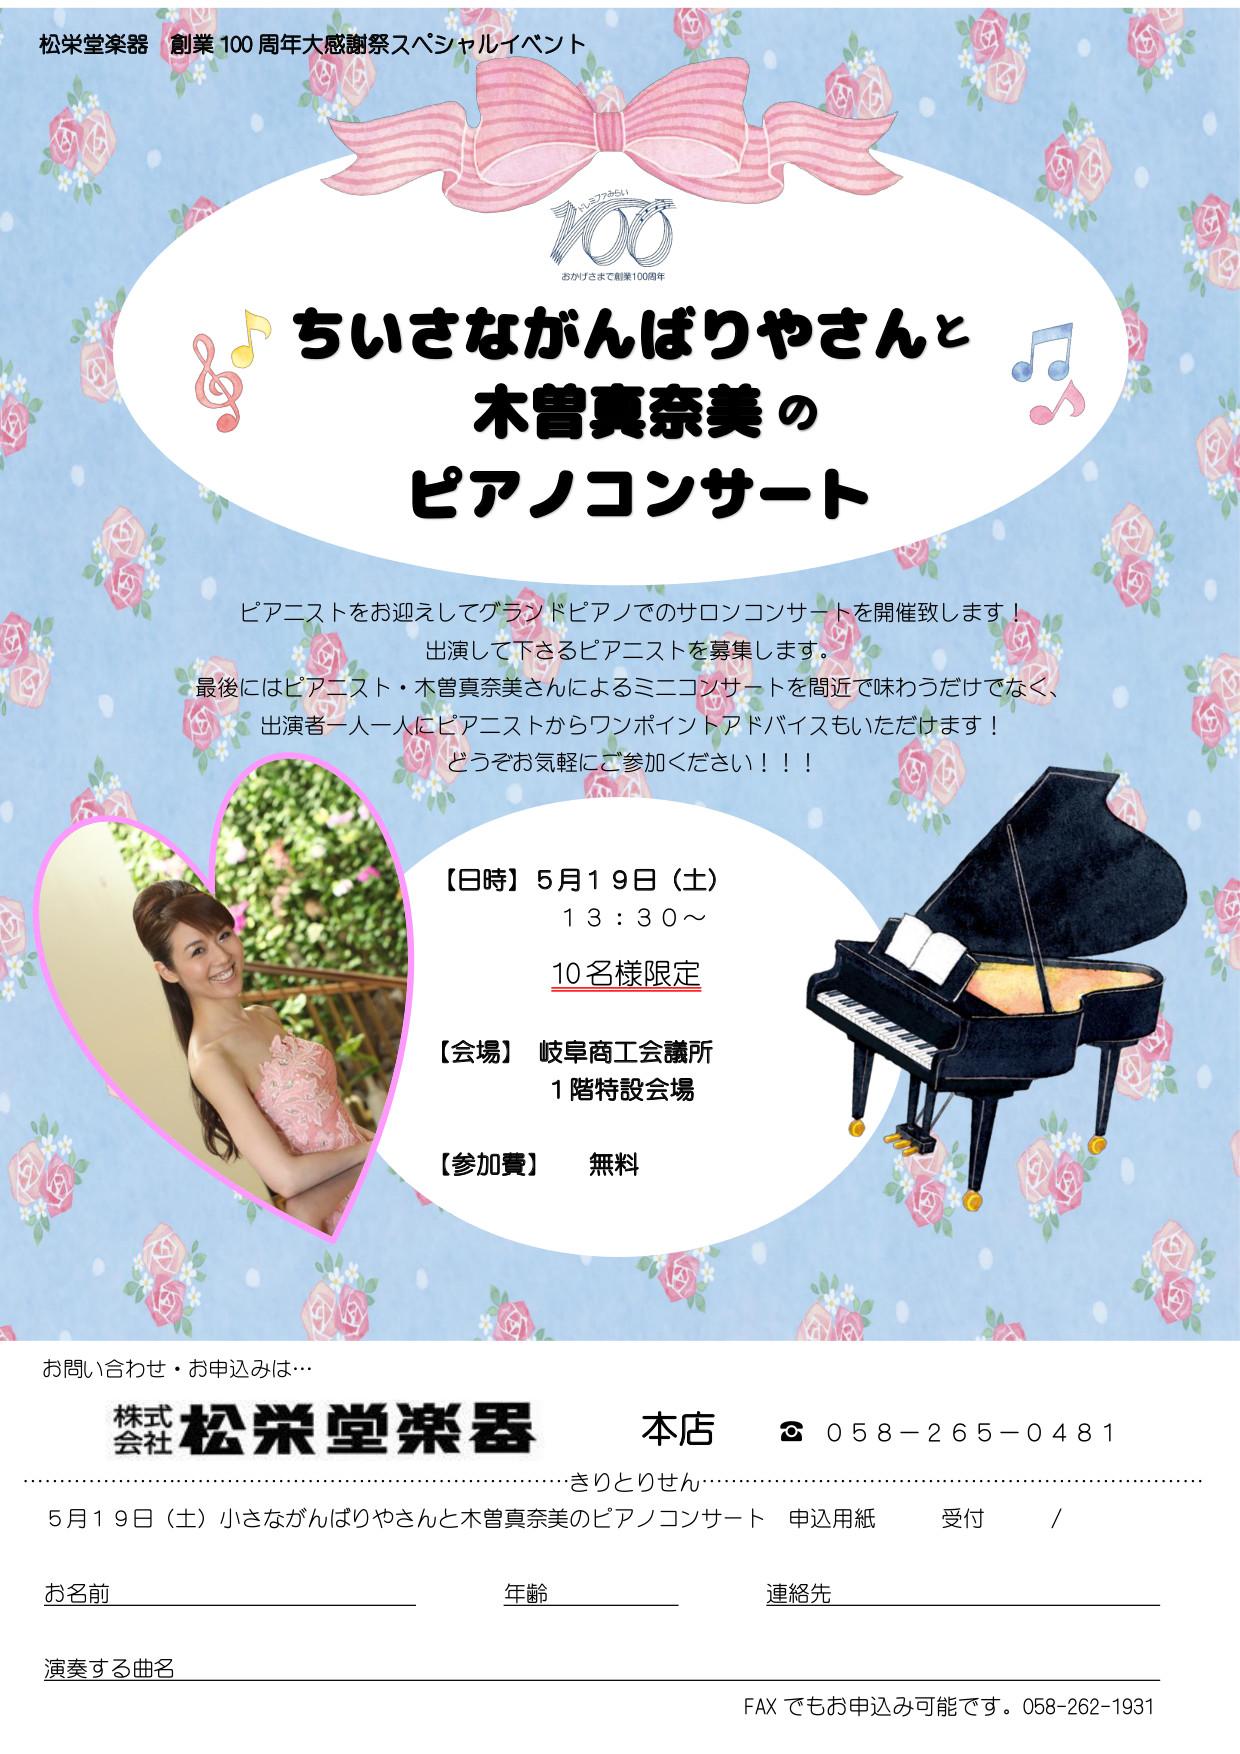 ちいさながんばりやさんと木曽真奈美のピアノコンサート